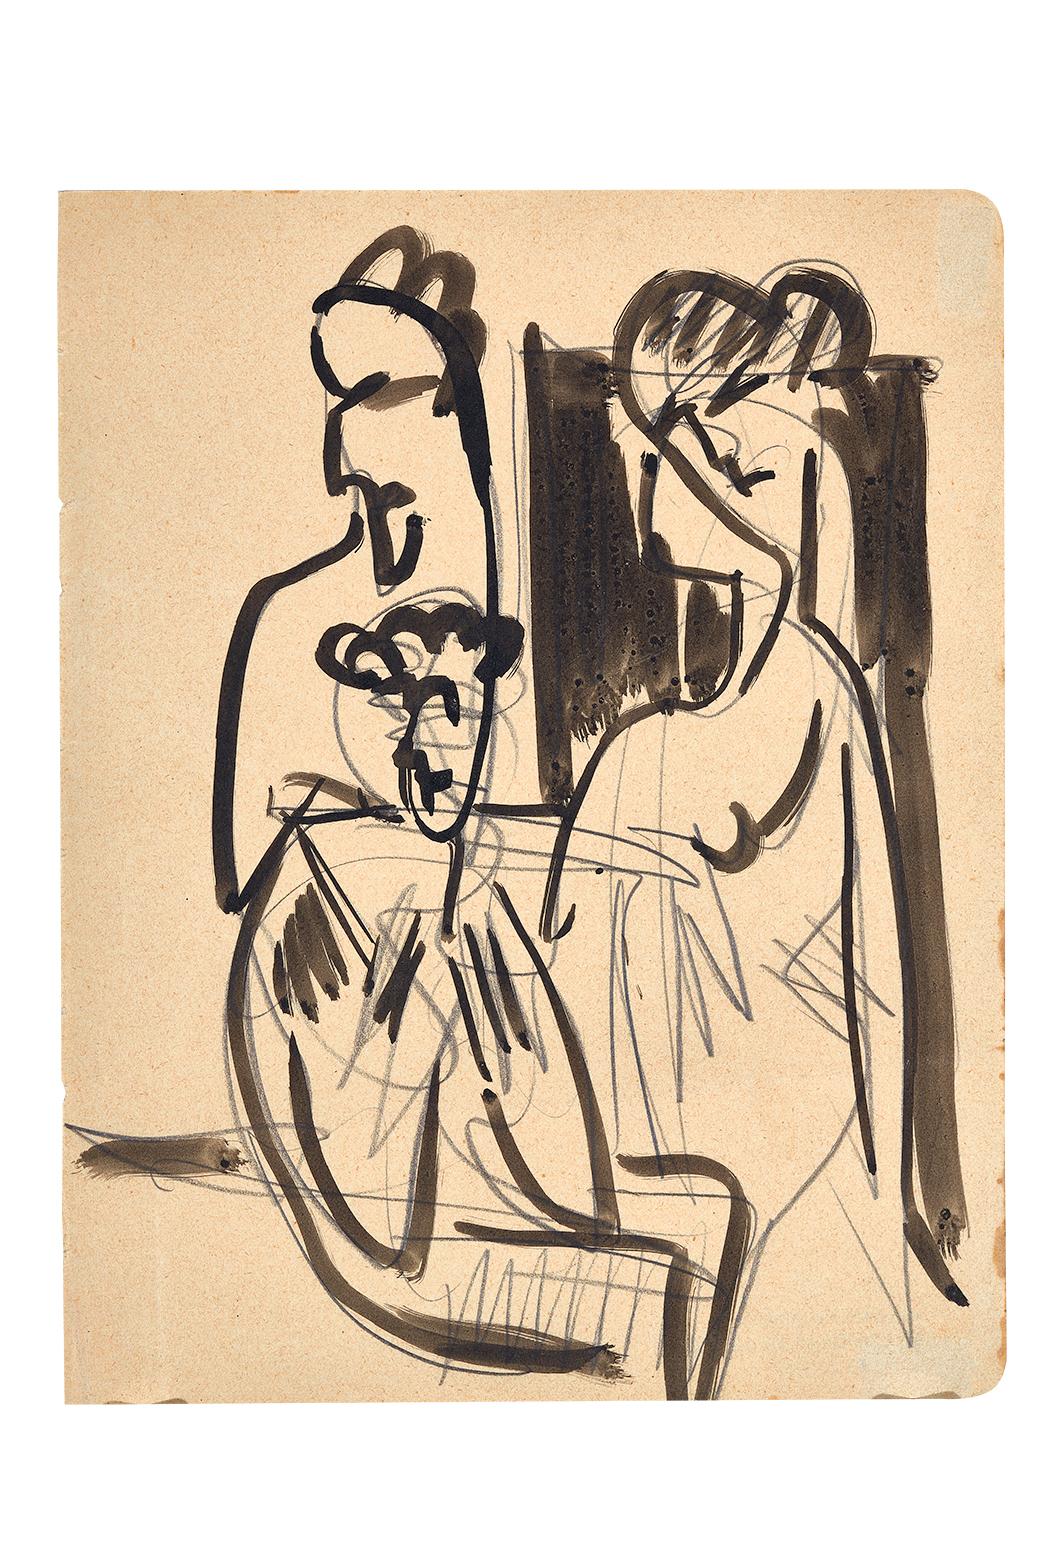 Kirchner Ernst Ludwig, Drei Figuren (Three Figures)